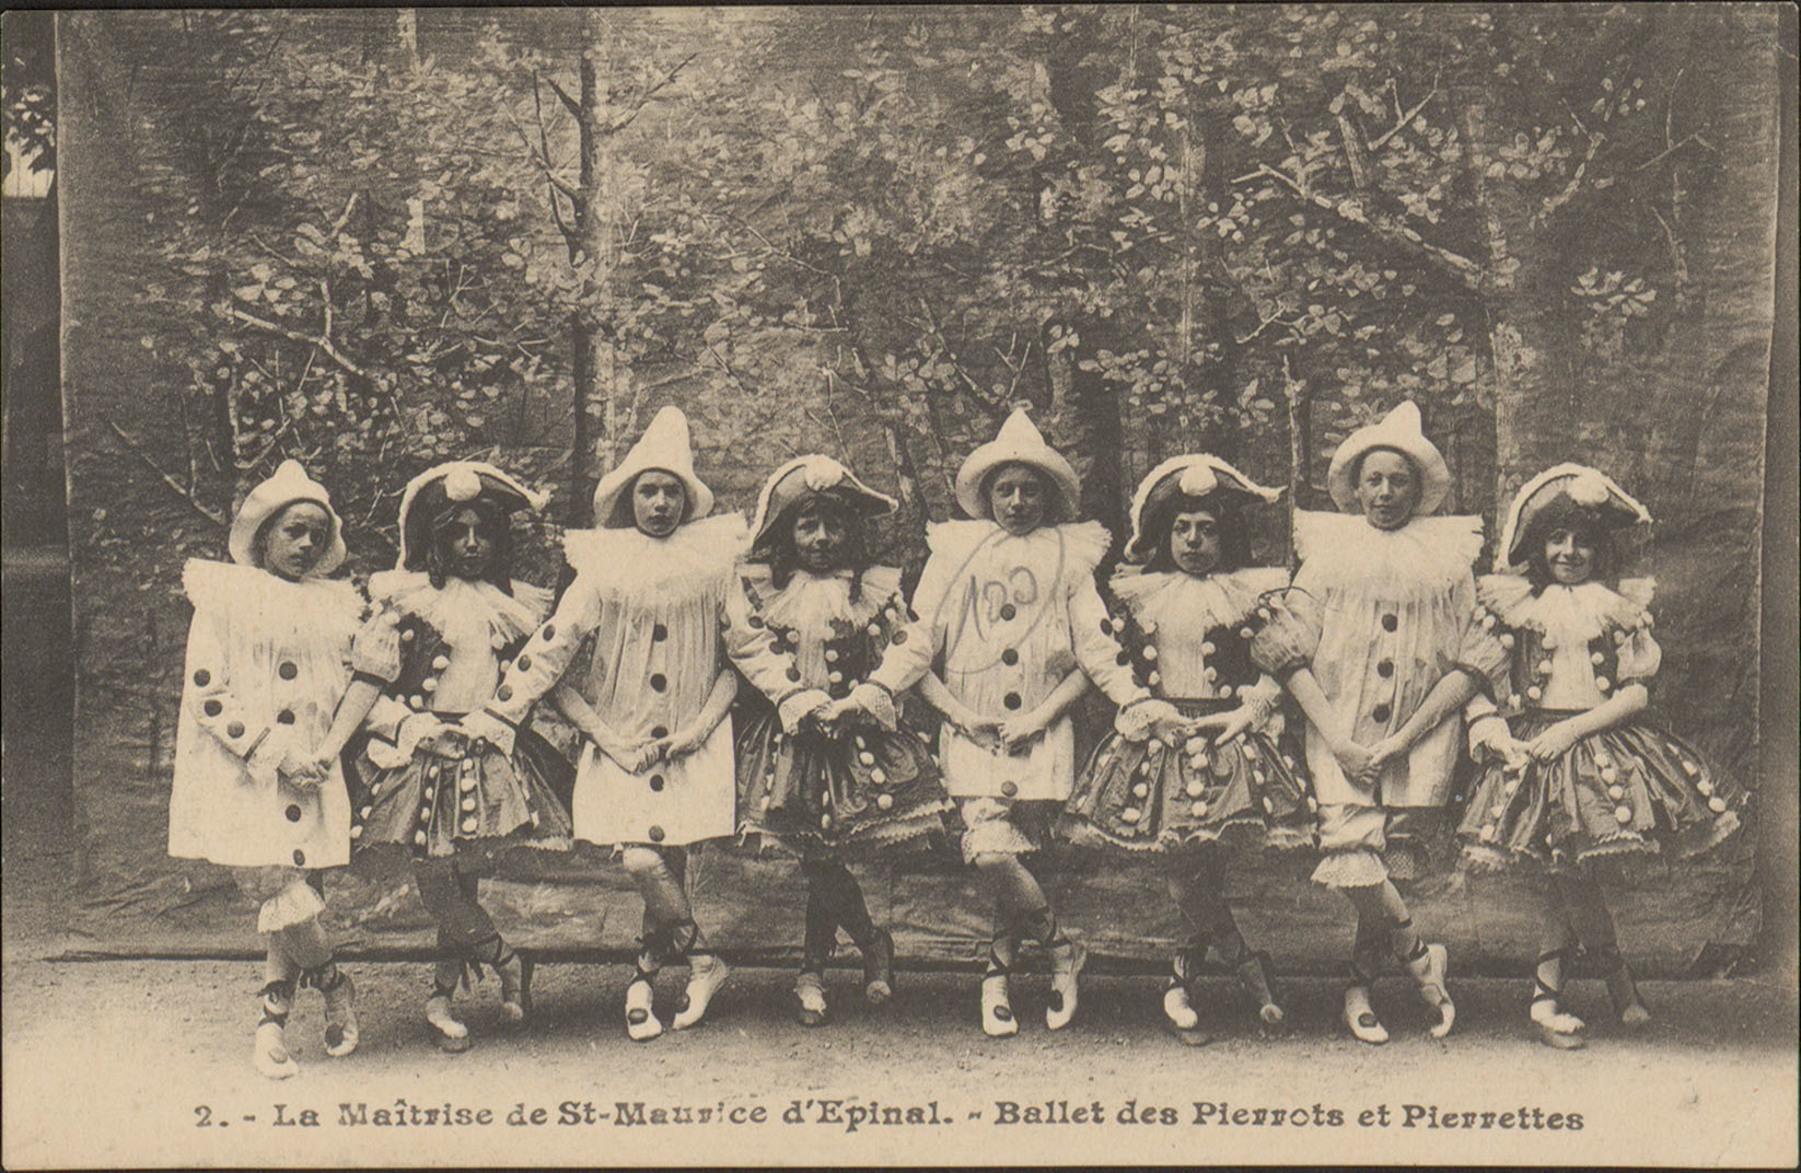 Contenu du La Maîtrise de St-Maurice d'Épinal, Ballet des Pierrots et Pierrettes